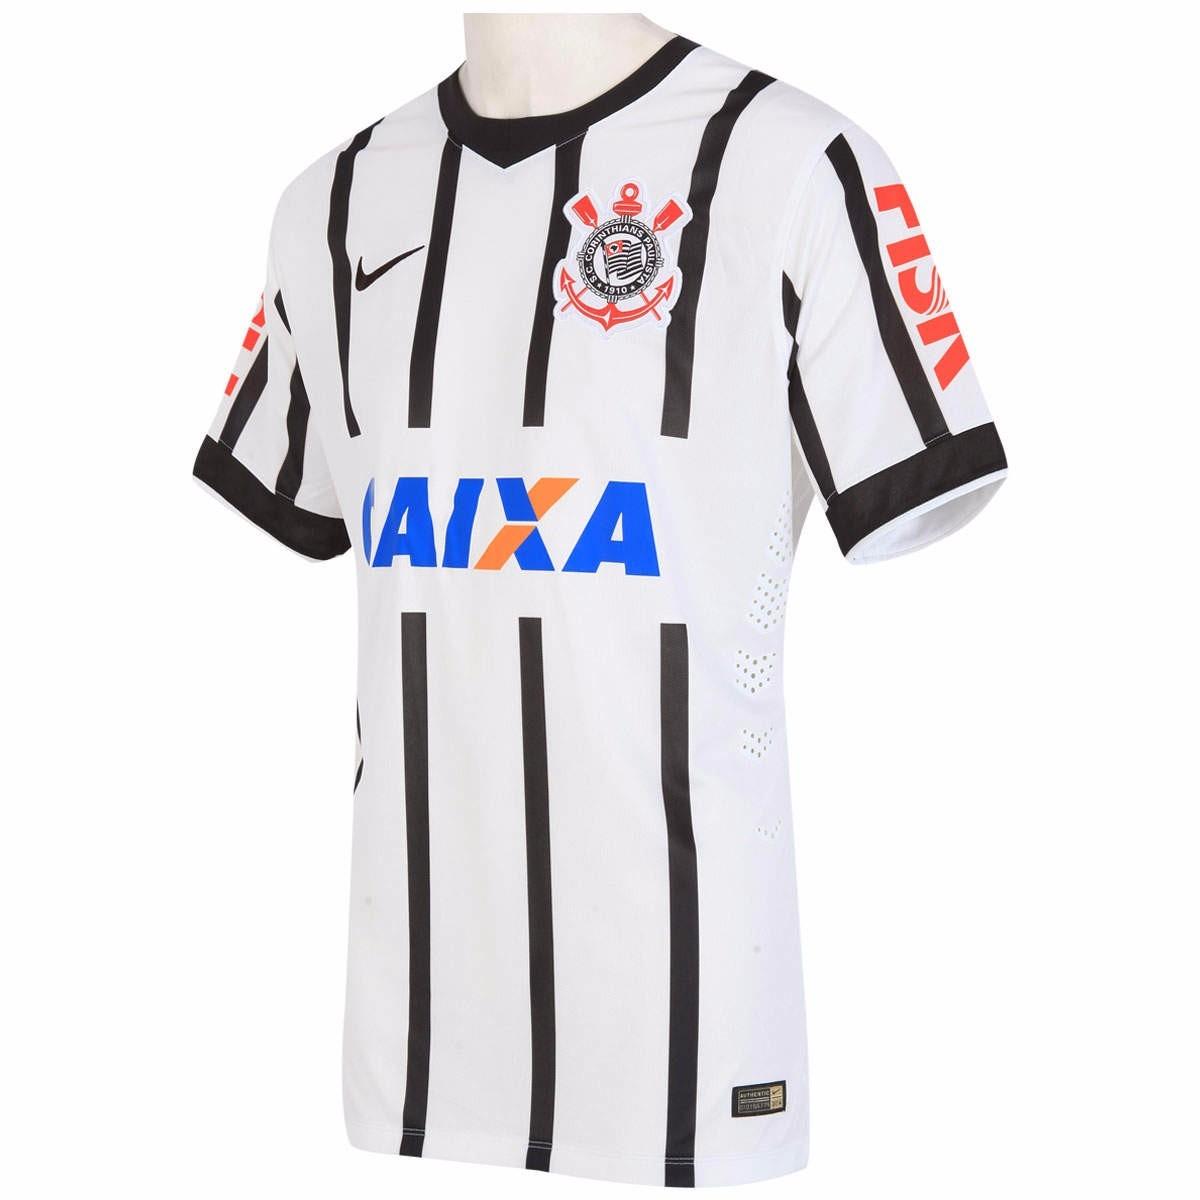 camisa corinthians nike jogador 2014 oficial pronta entrega. Carregando zoom . 0df7ce8057571